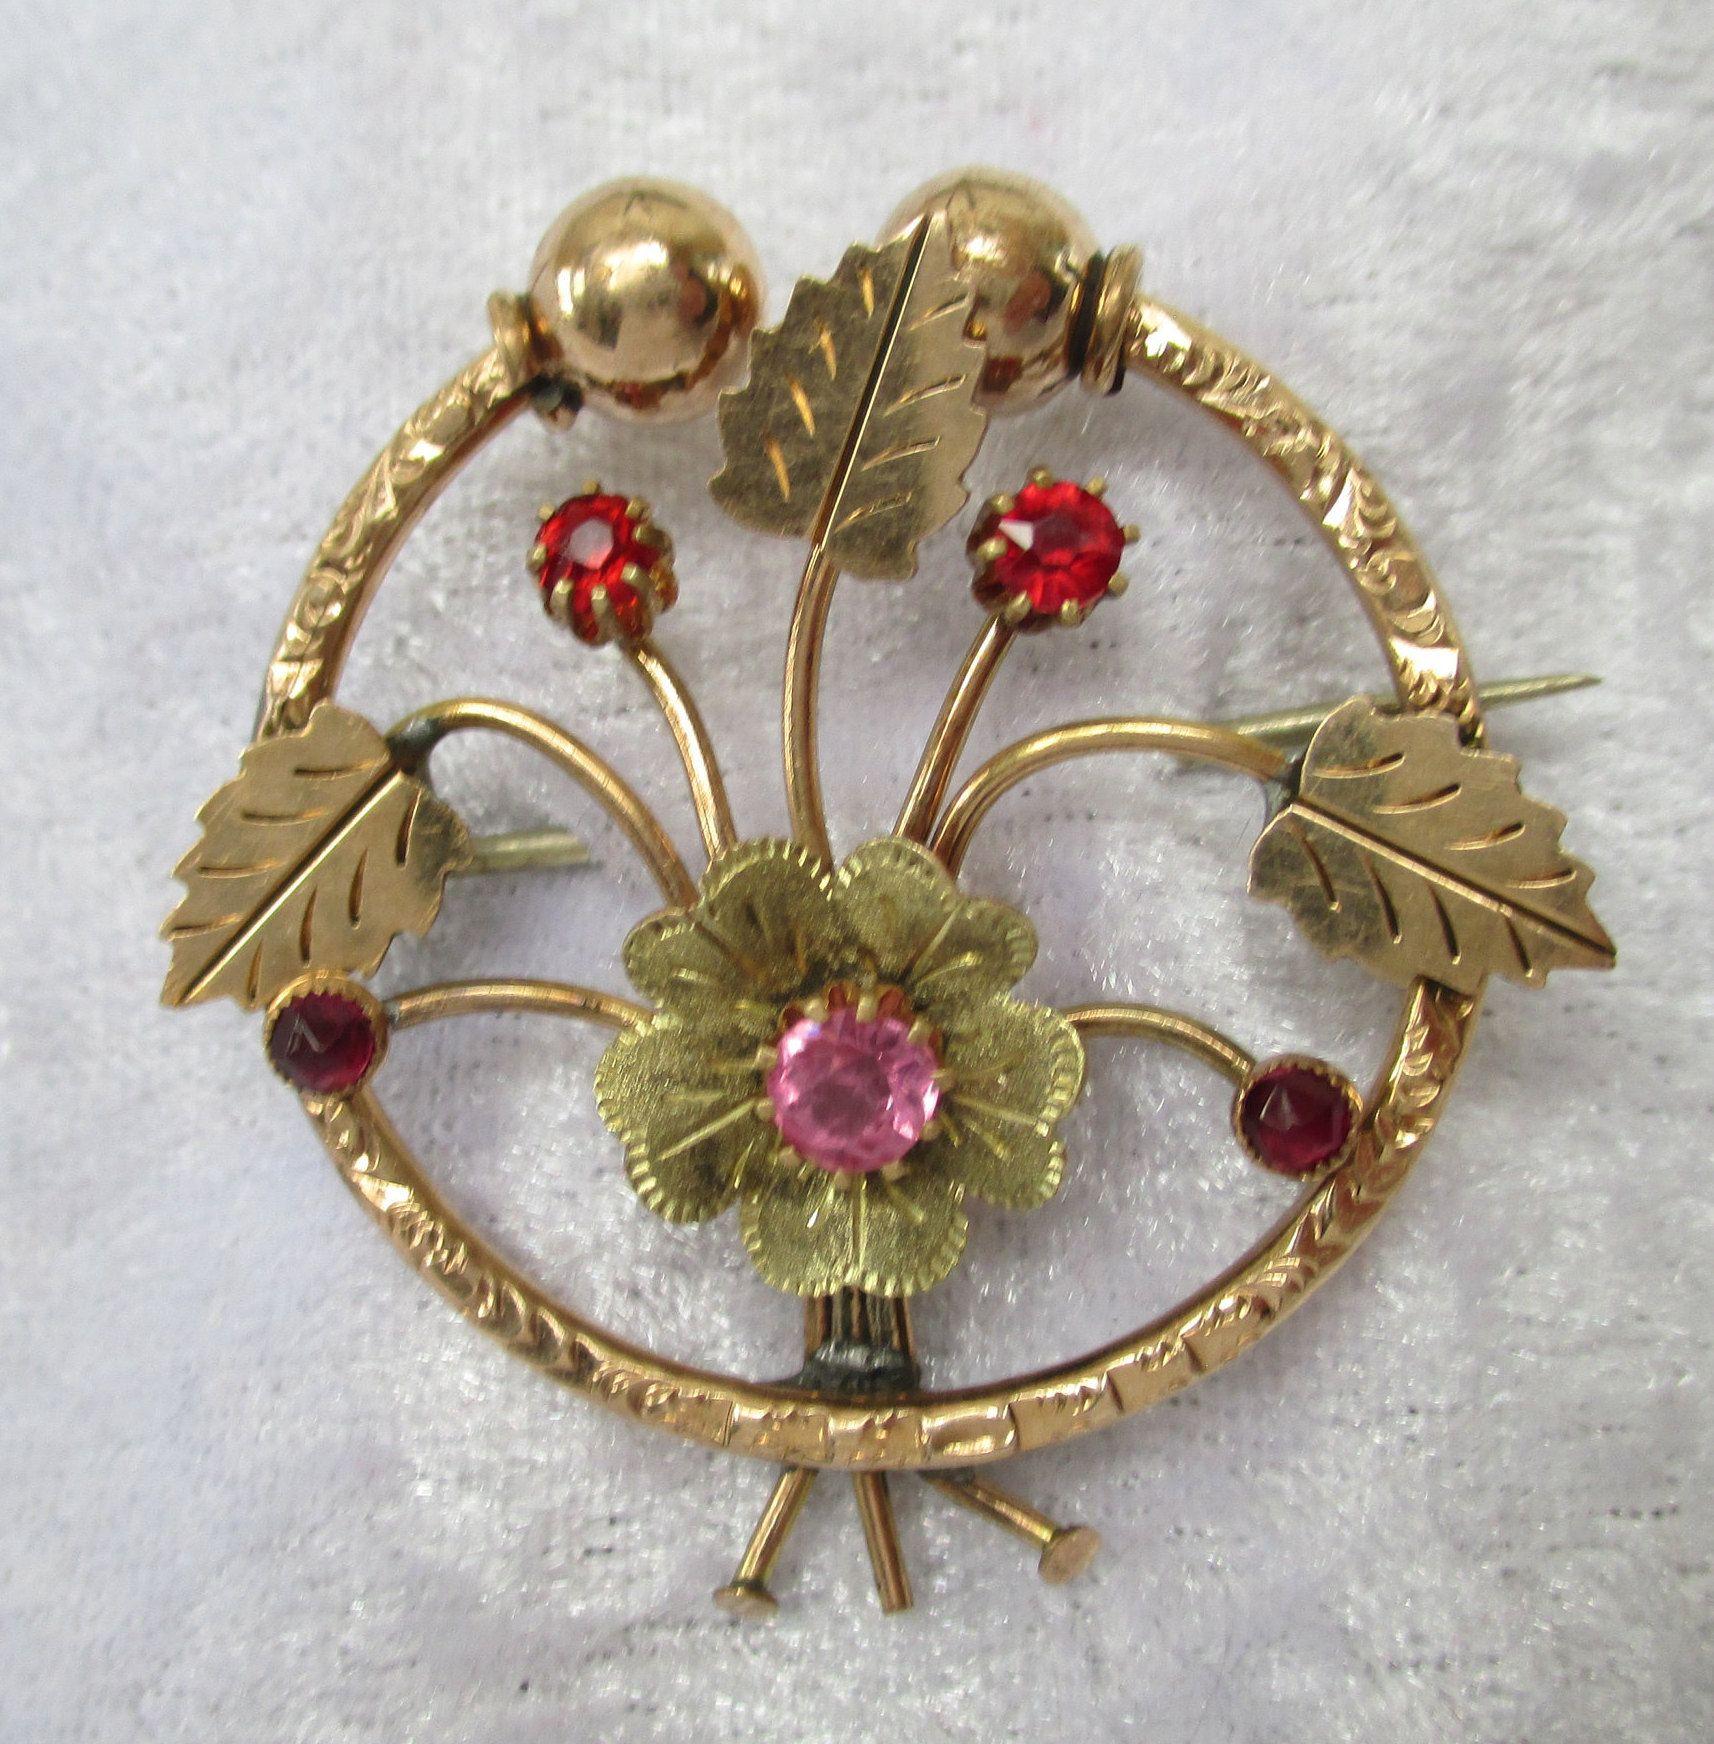 Vintage Gold Filled Brooch Delicate